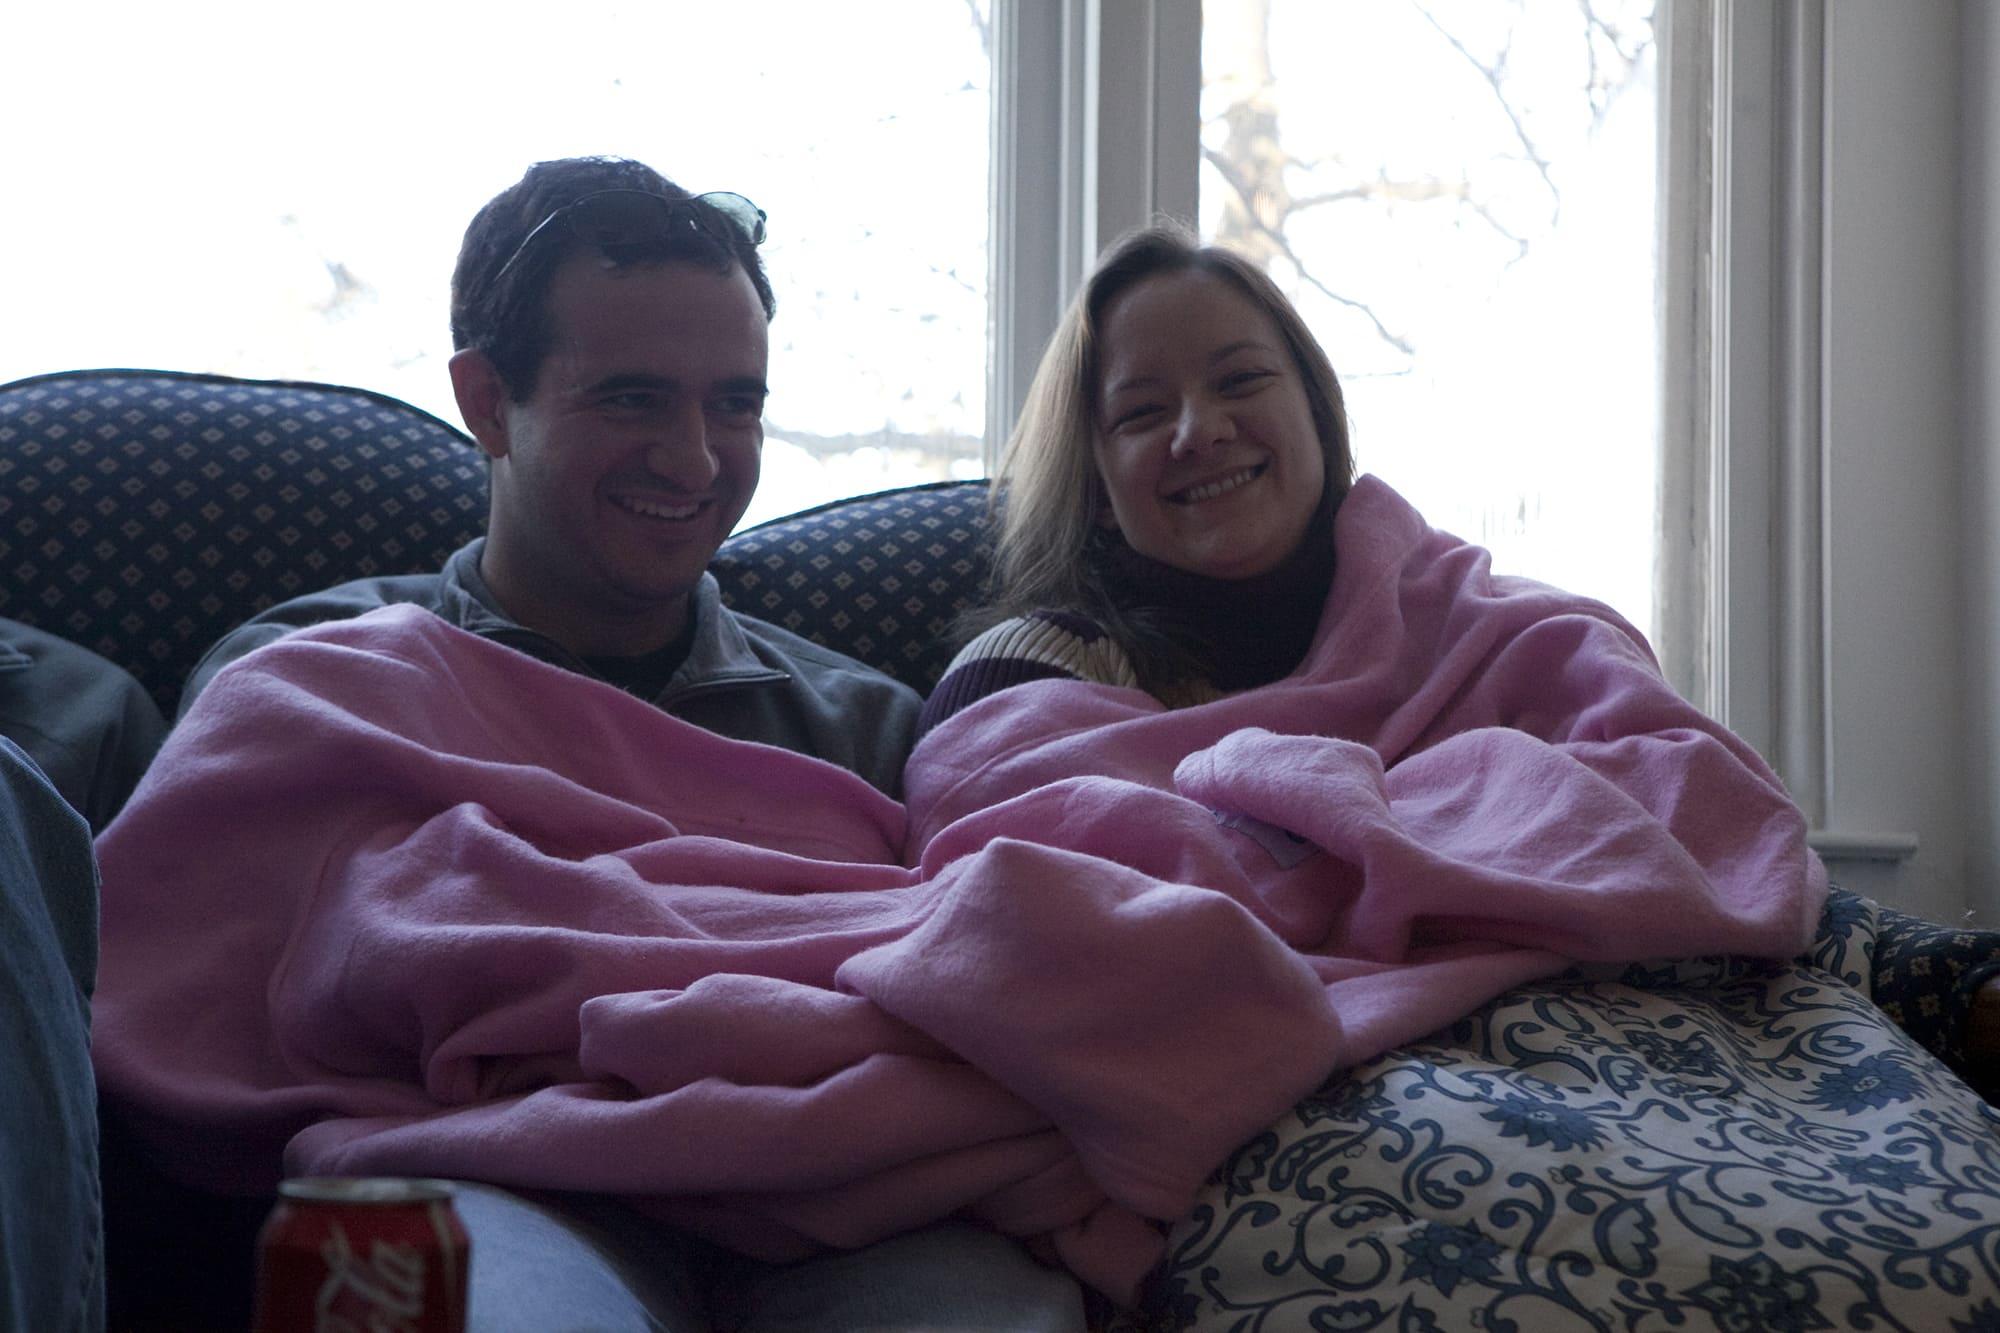 Alina and Joe in a snuggie